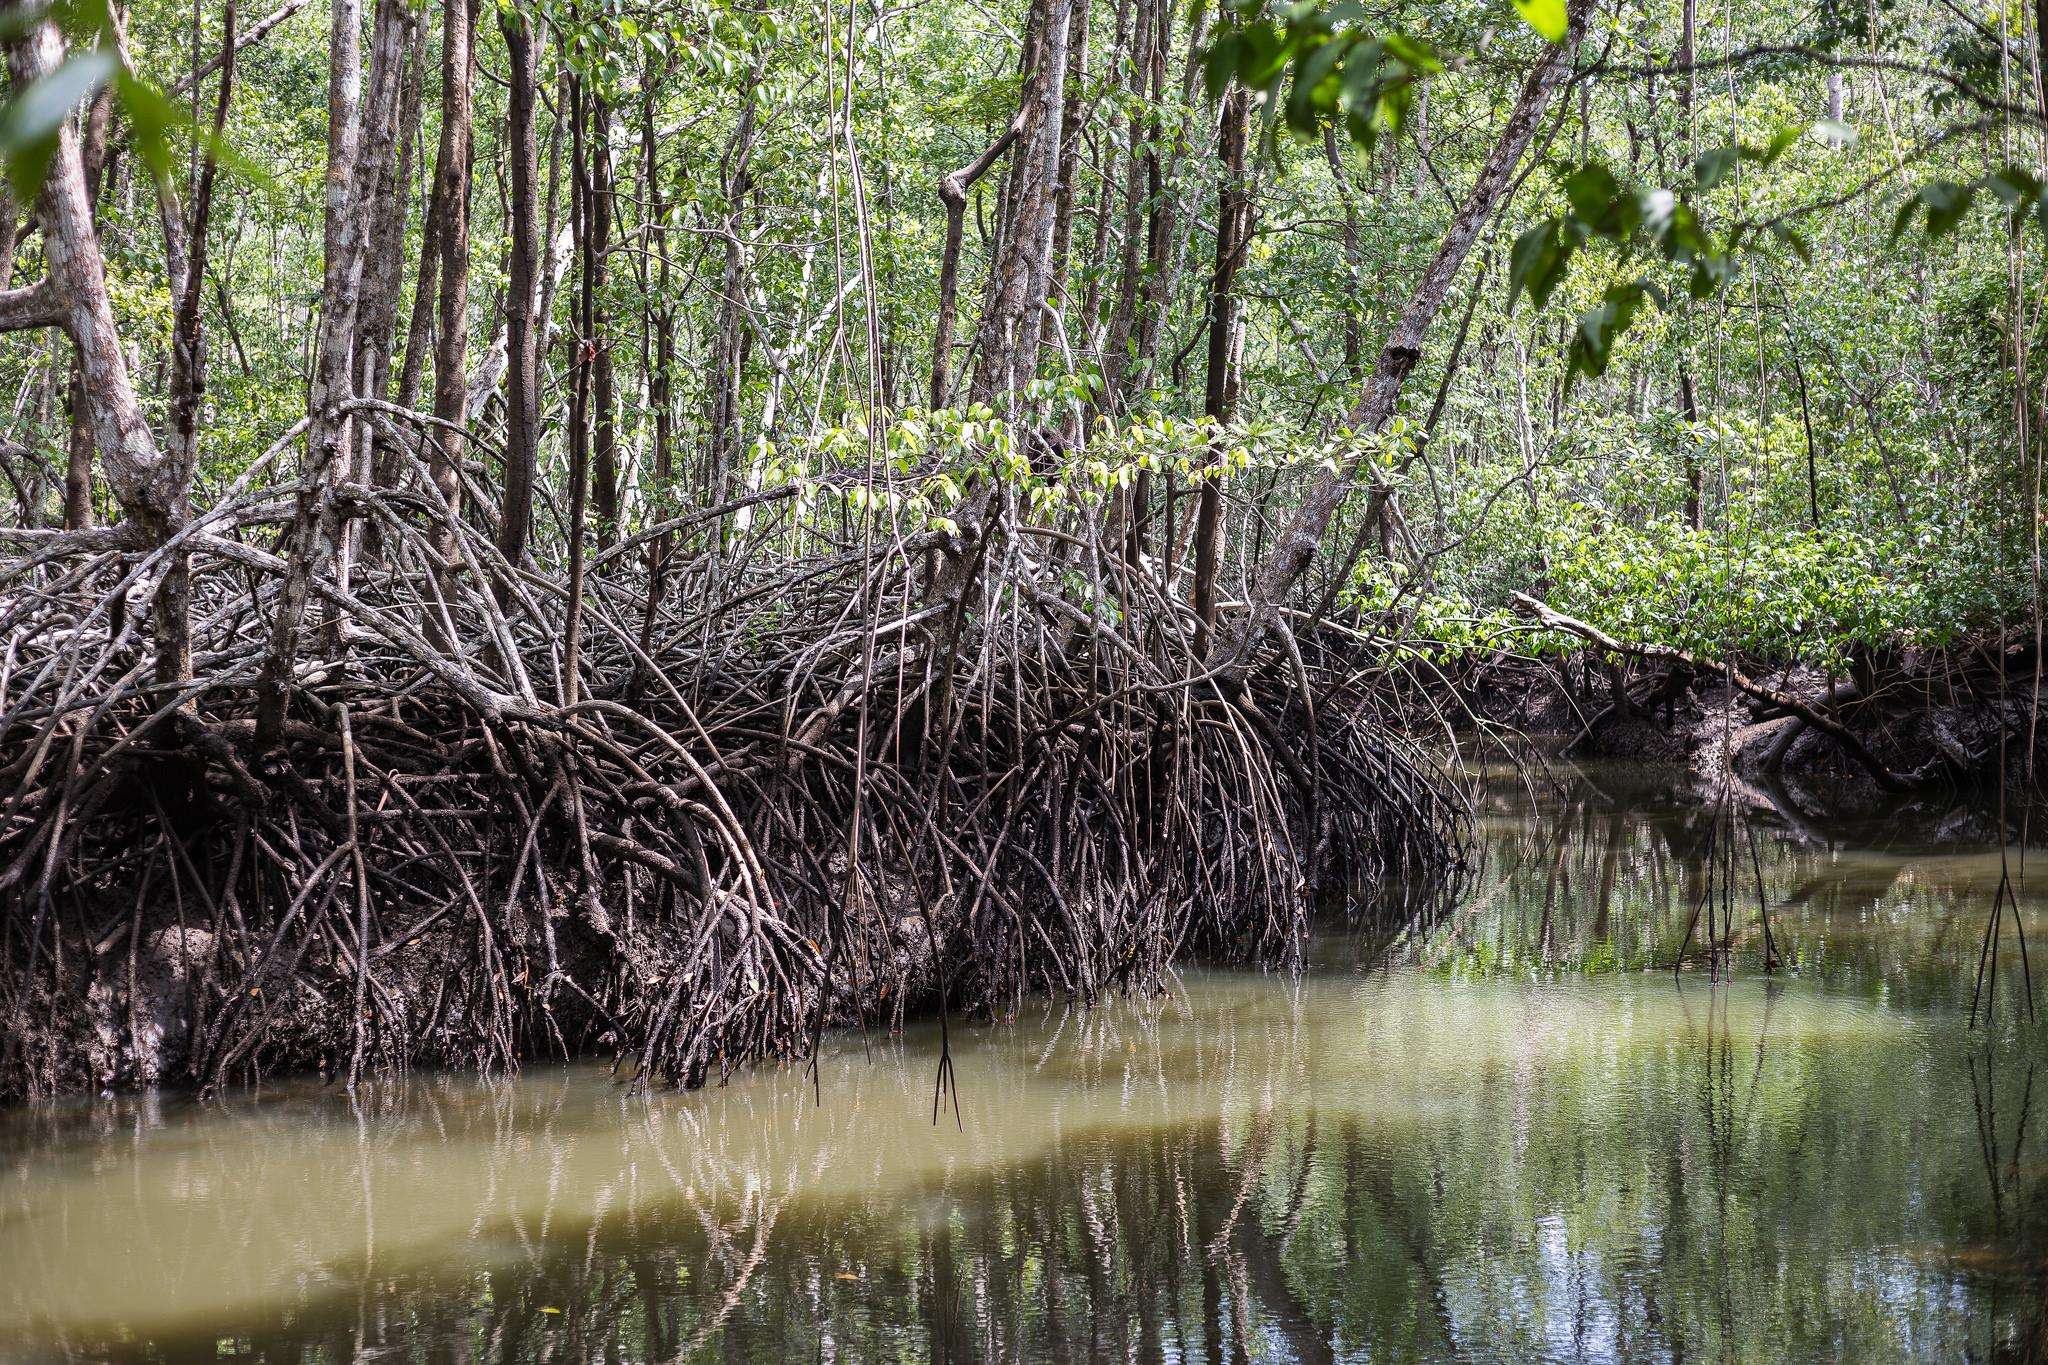 Mit dem imposanten Wurzelwerk wirken die Mangroven auf der Finca Los Monos, als ob sie jeden Augenblickt davonstaksen würden. Foto: ForestFinance/Katrin Spanke